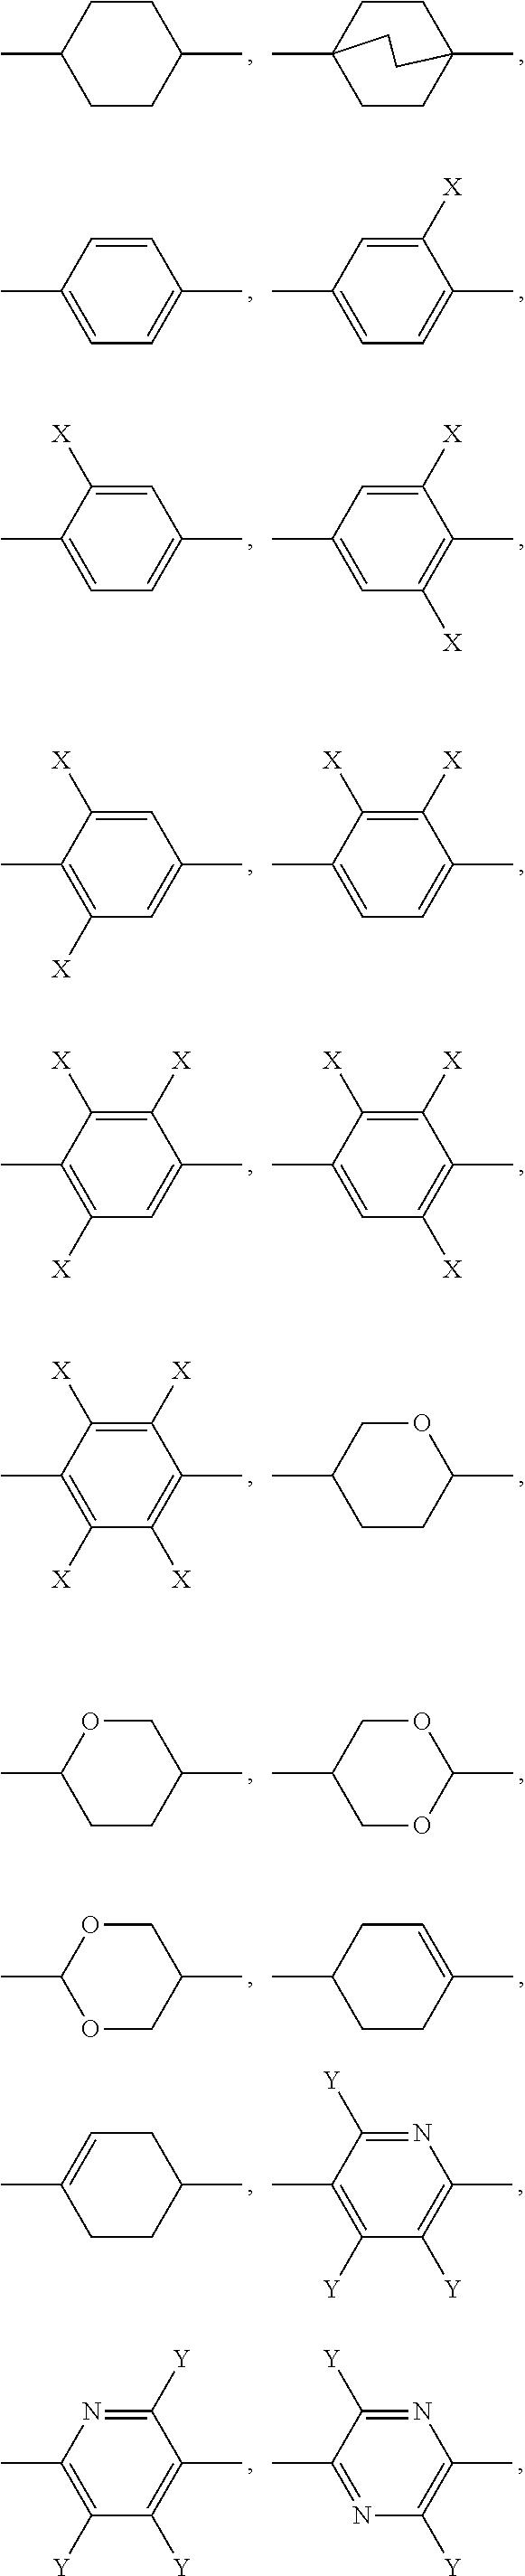 Figure US20130208227A1-20130815-C00341